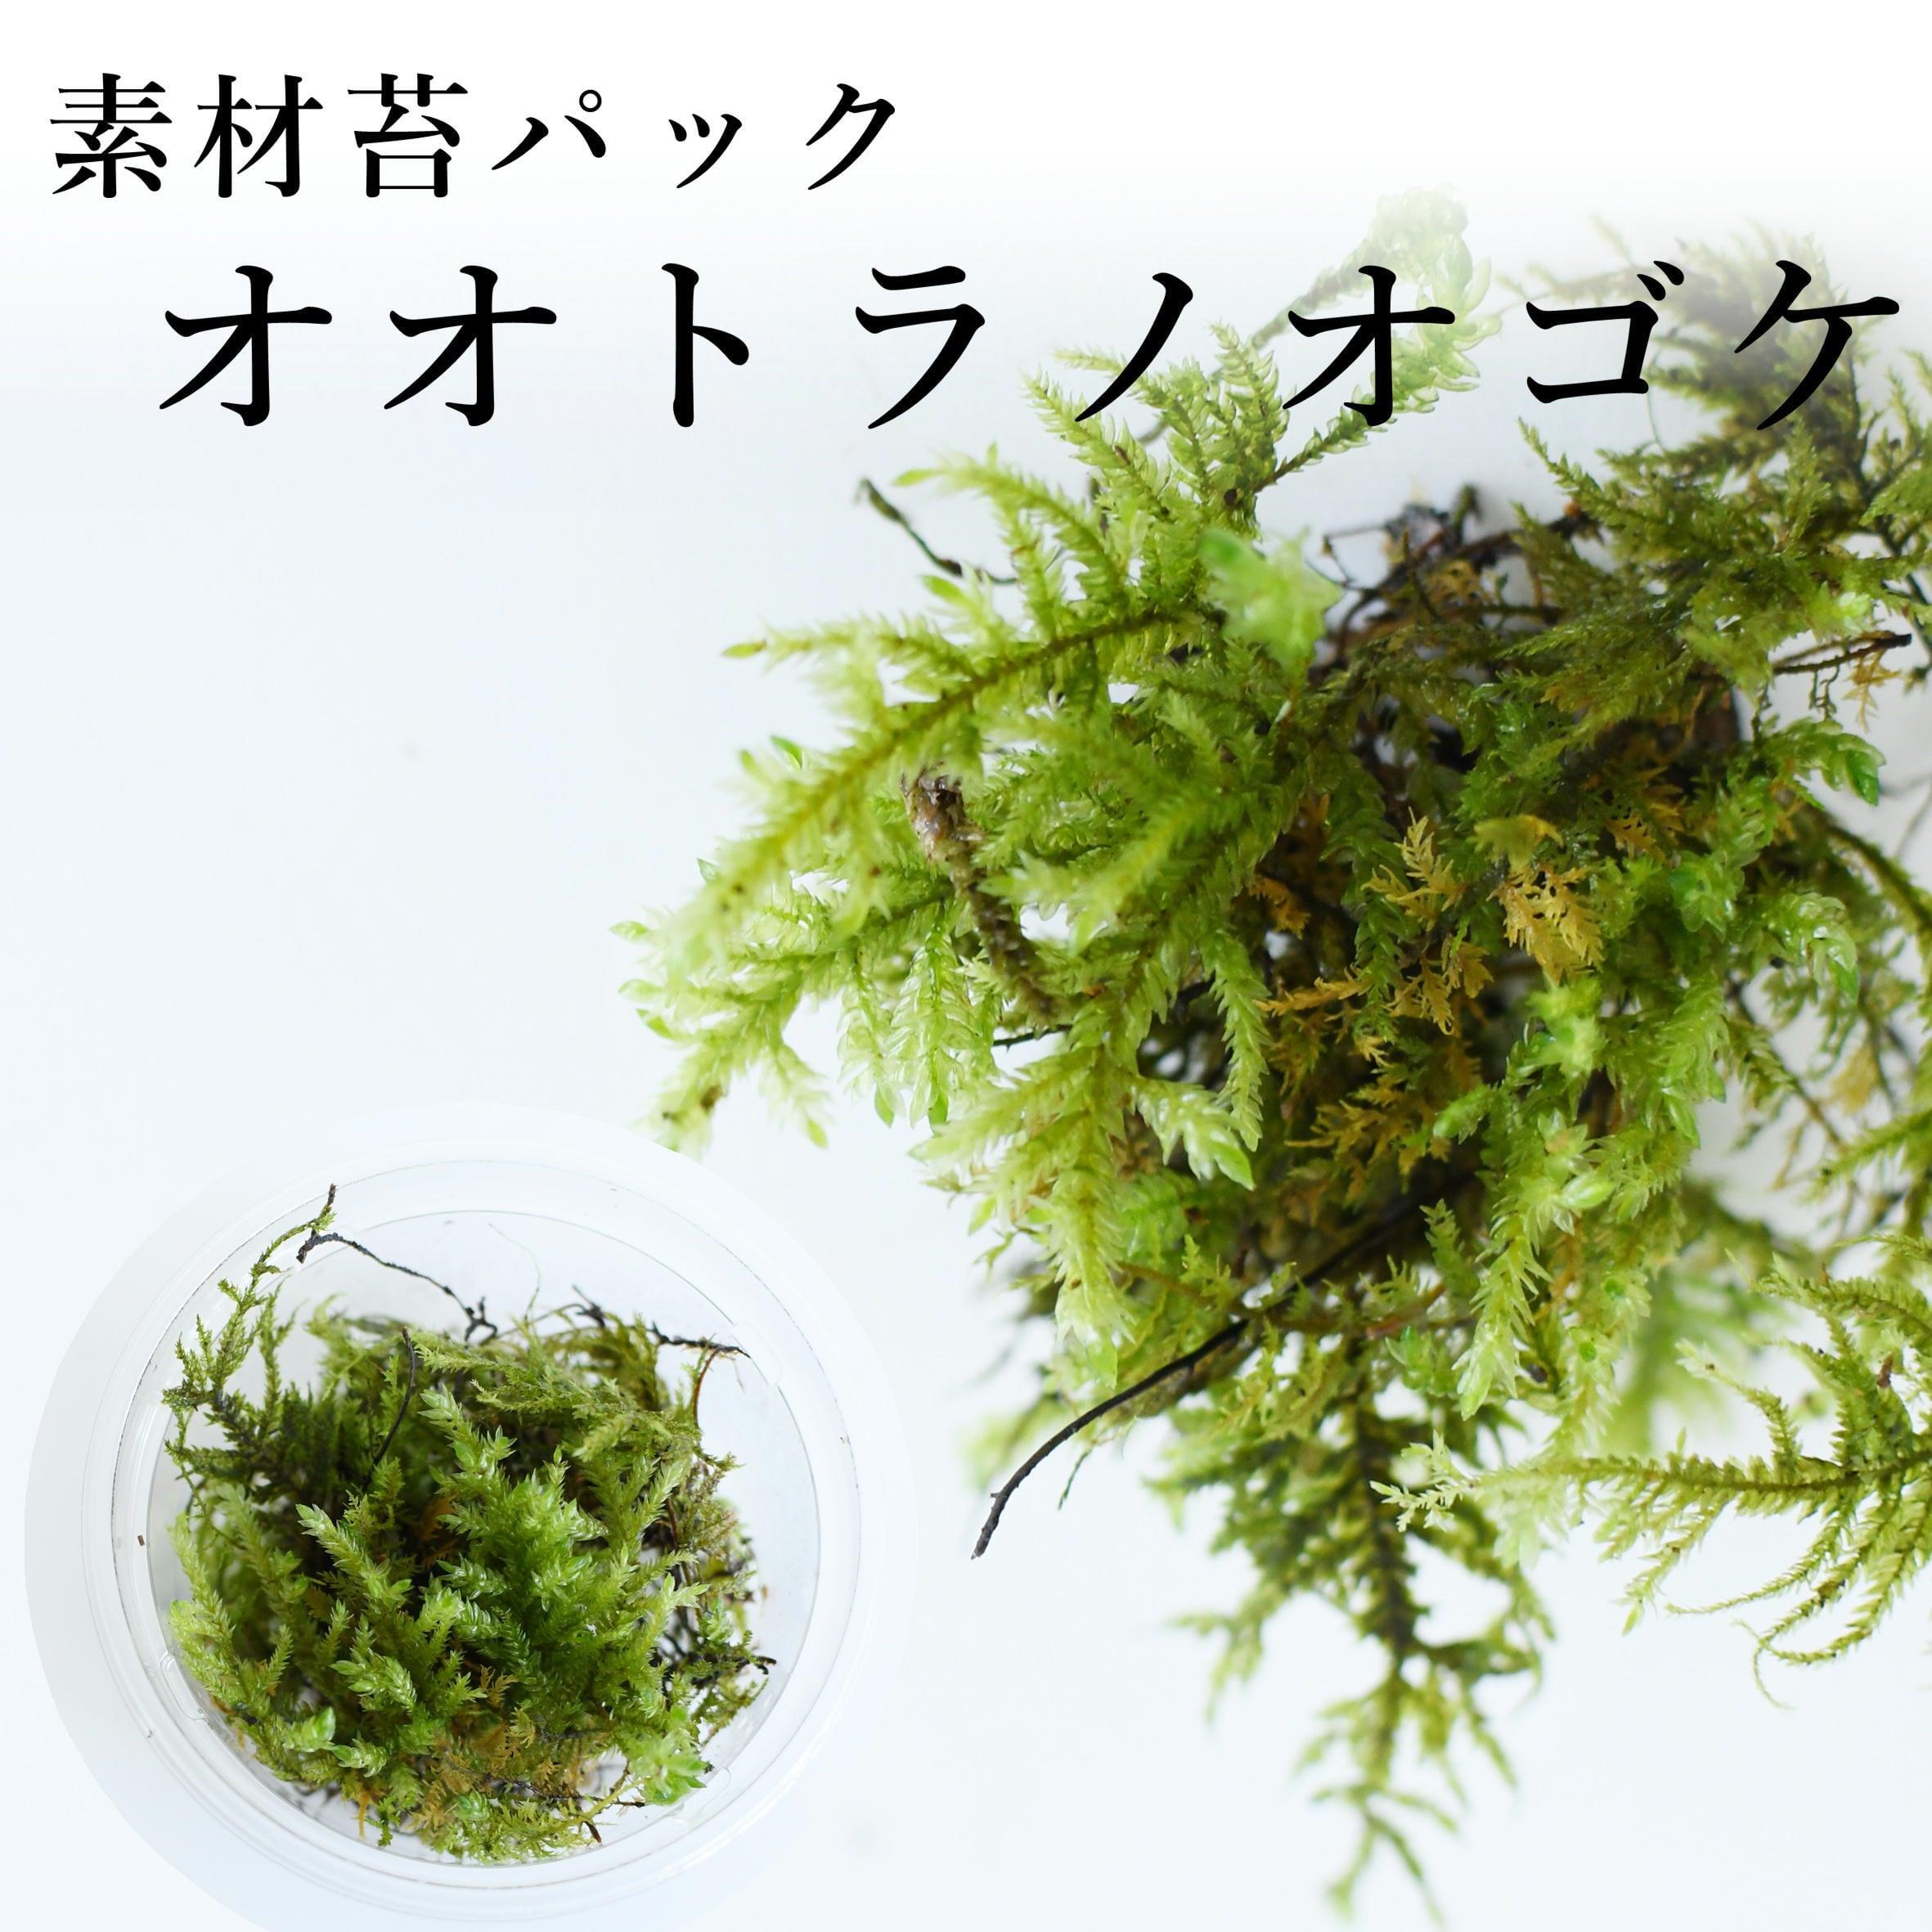 オオトラノオゴケ 苔テラリウム作製用素材苔